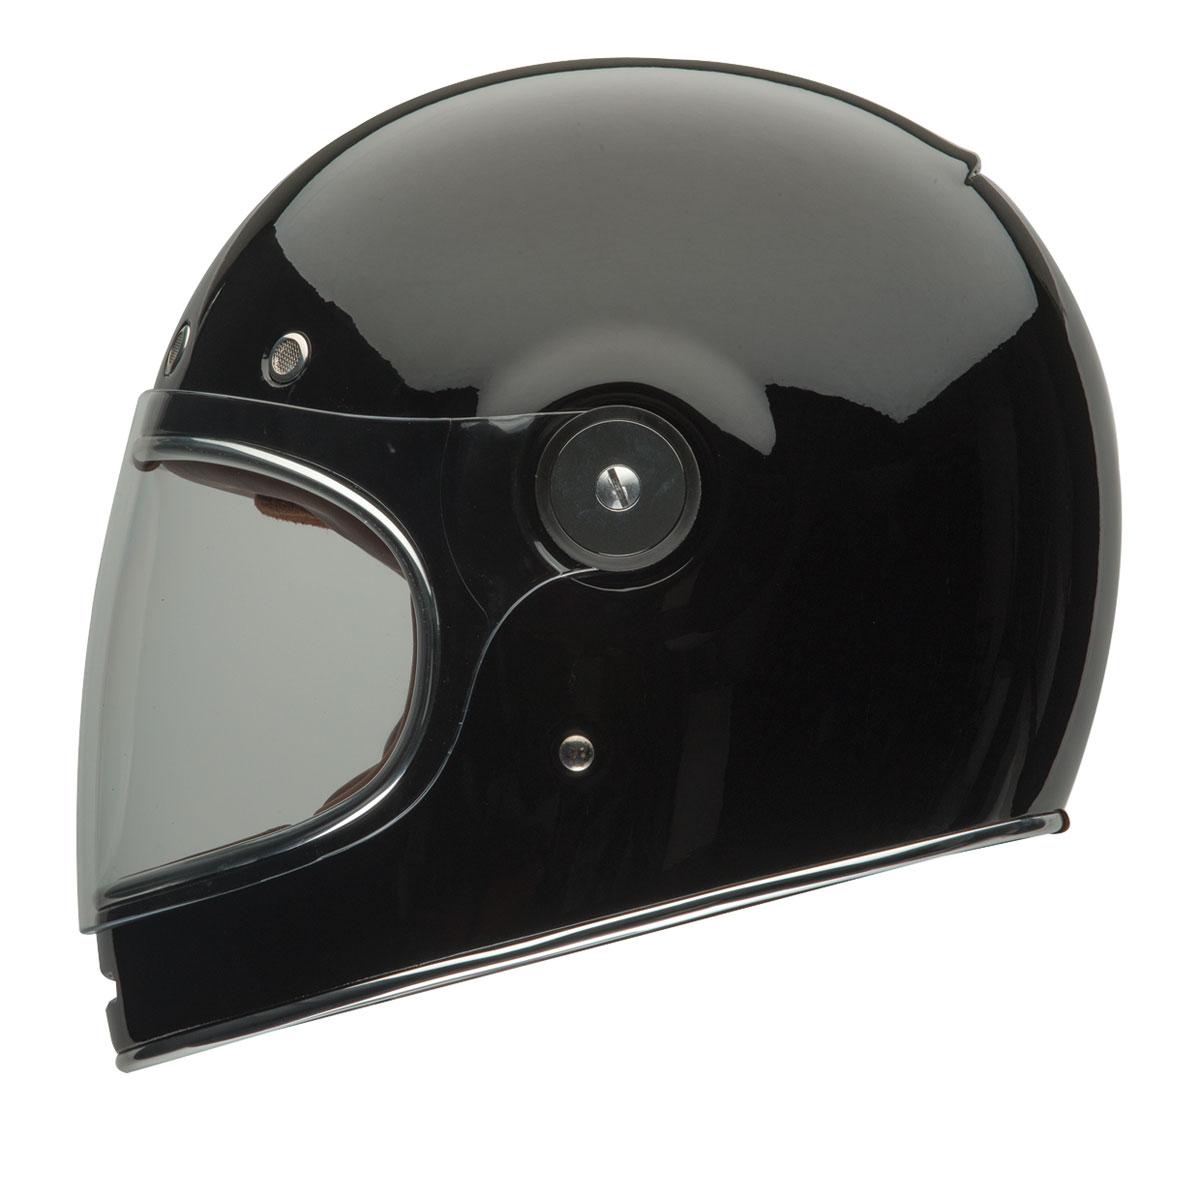 Full Motorcycle Helmet >> Bell Solid Black Bullitt Full Face Helmet 103 292 J P Cycles